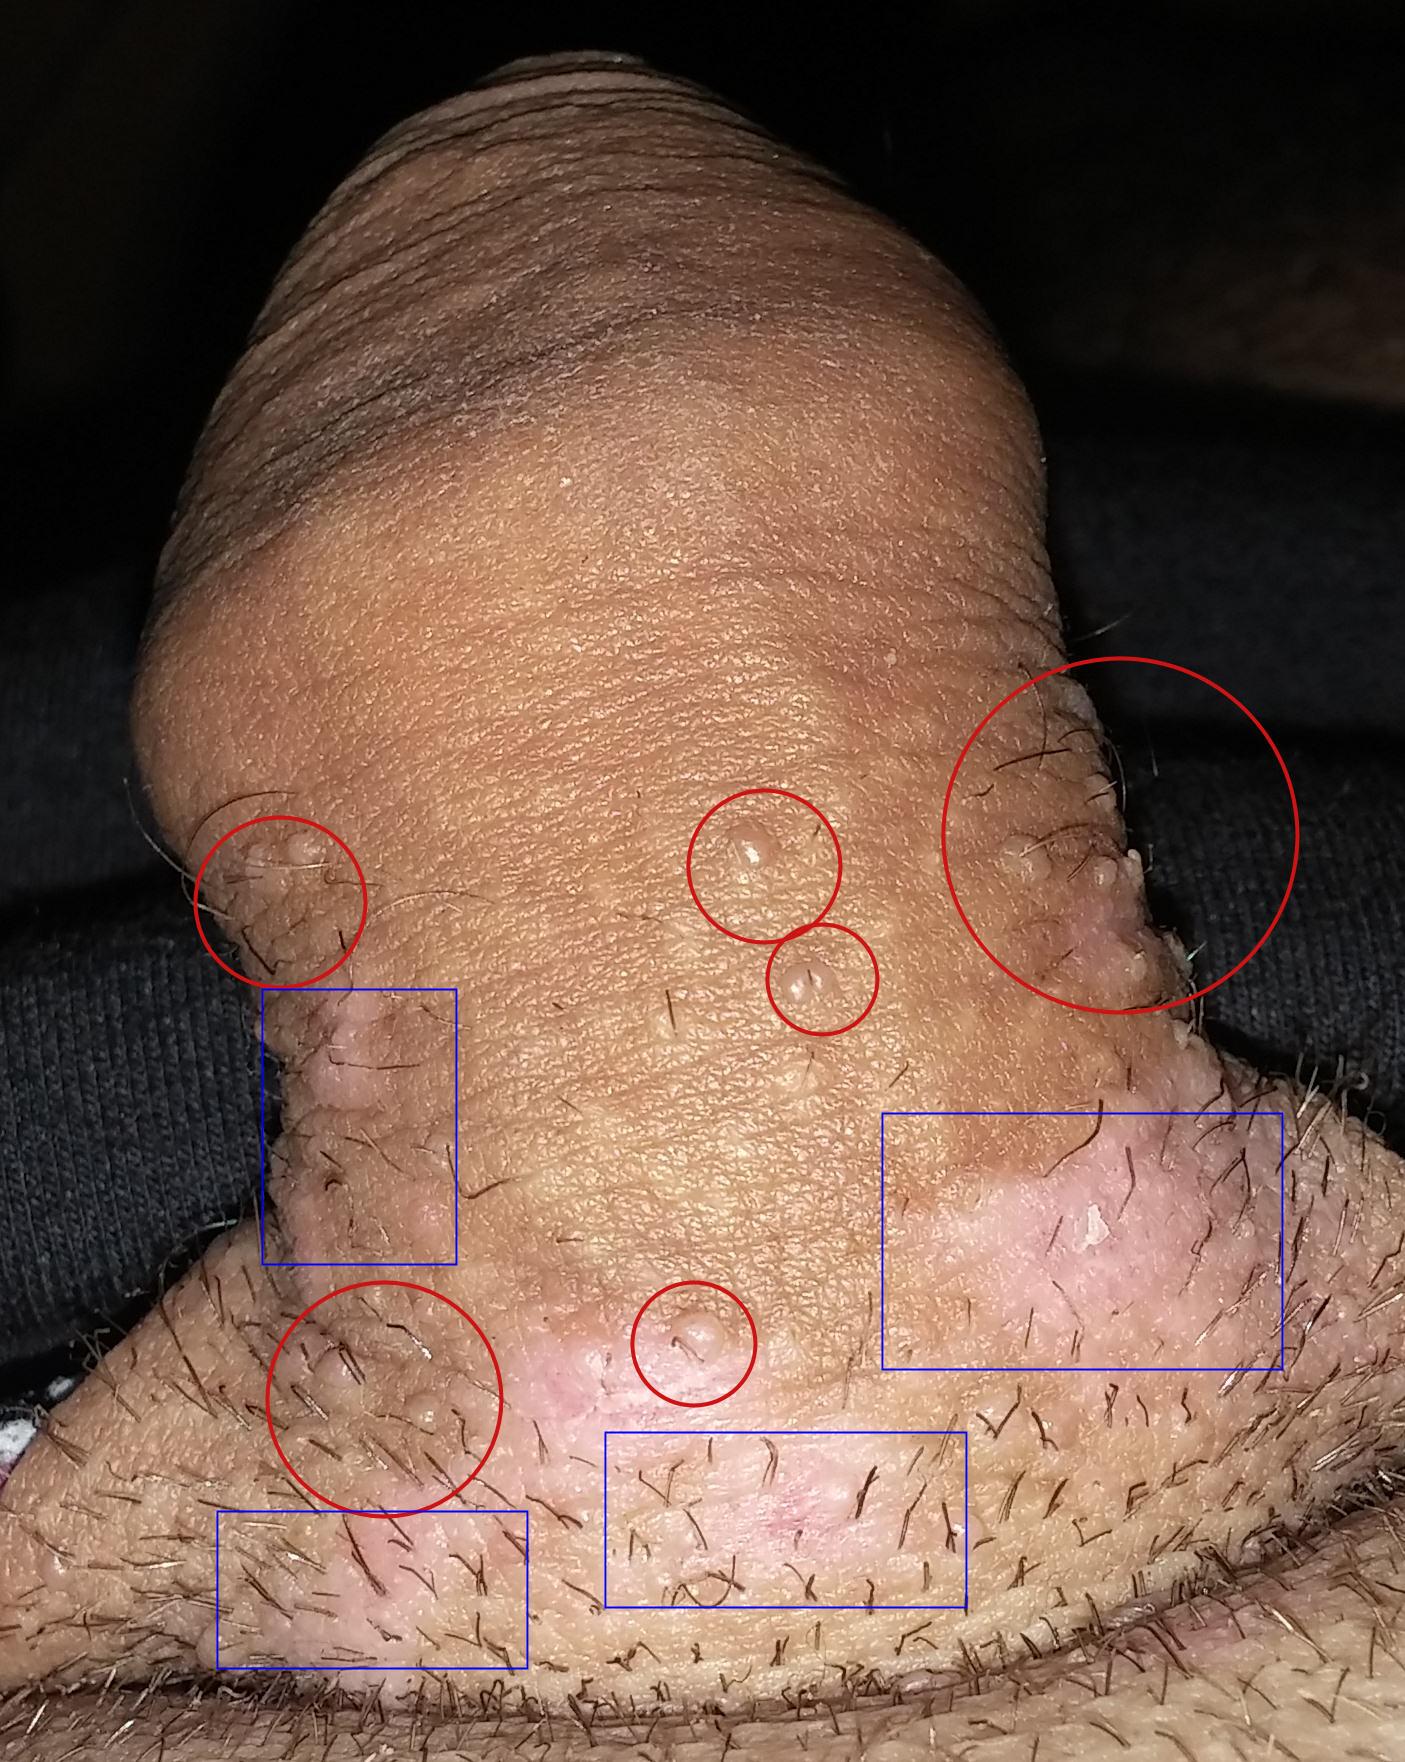 cancerul de piele metastaze hpv warts not cancer